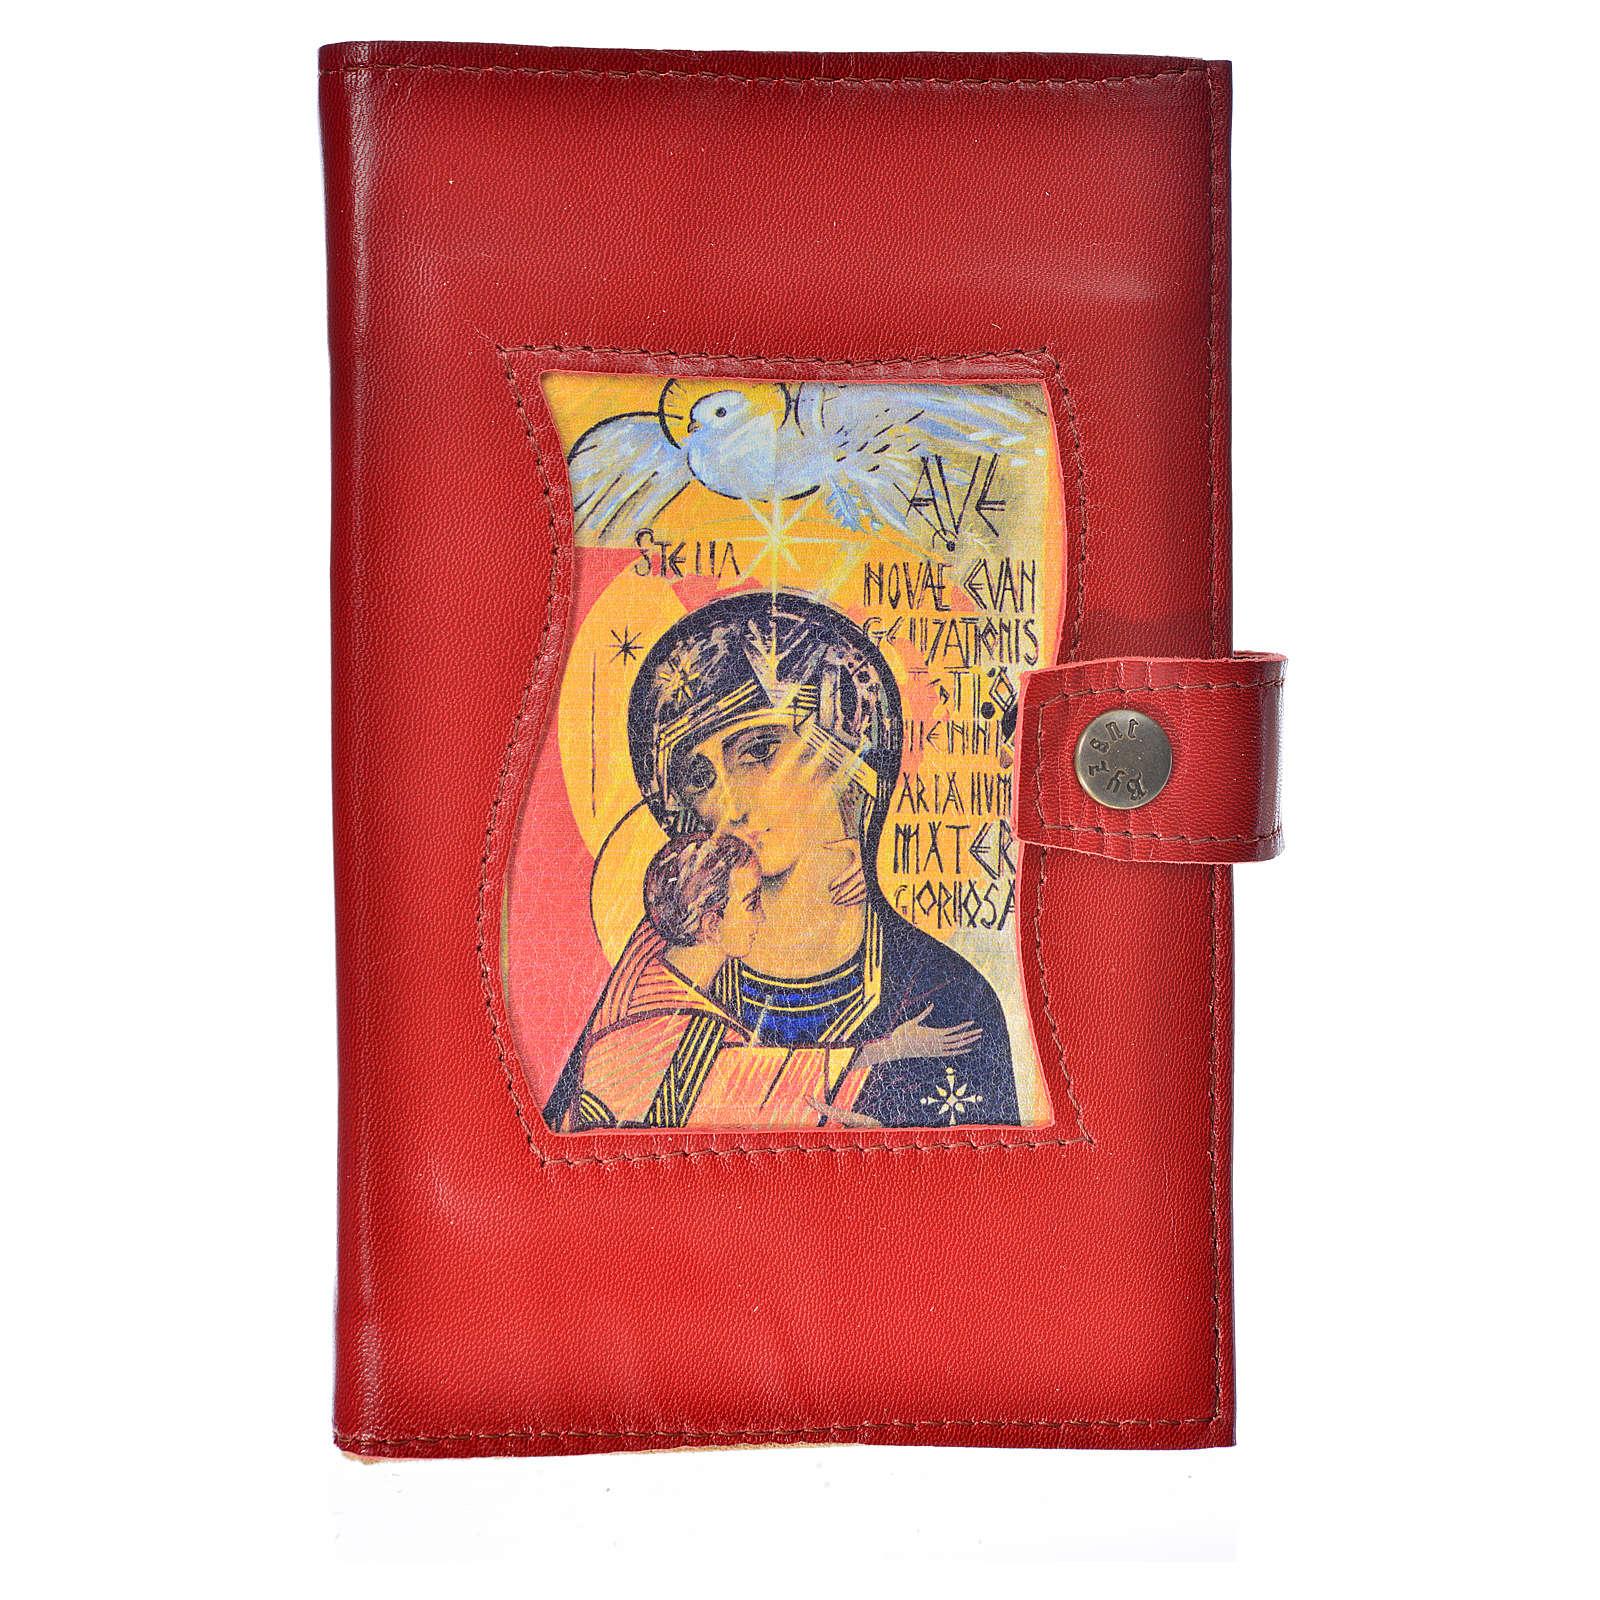 Funda Biblia Jerusalén Nueva Ed. cuero burdeos Virgen 3 Milenio 4